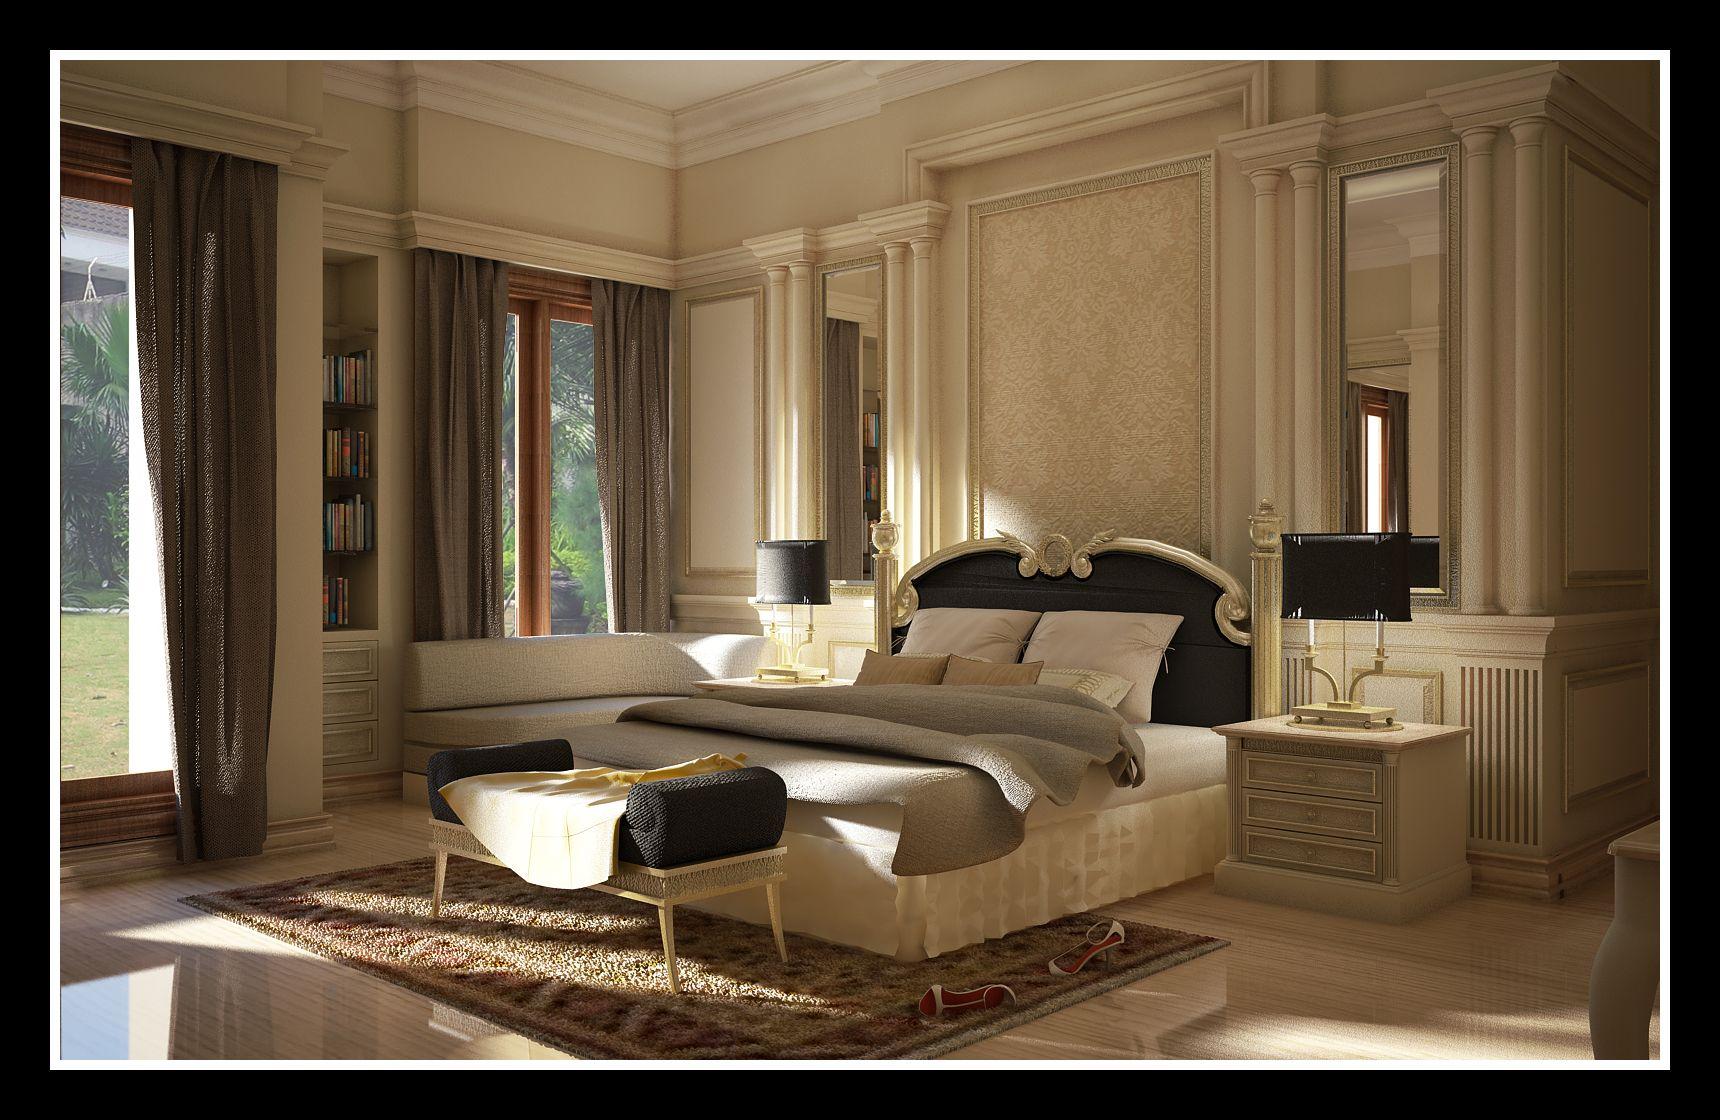 Classic Interior Design Pinterest Bedrooms Classic Interior And